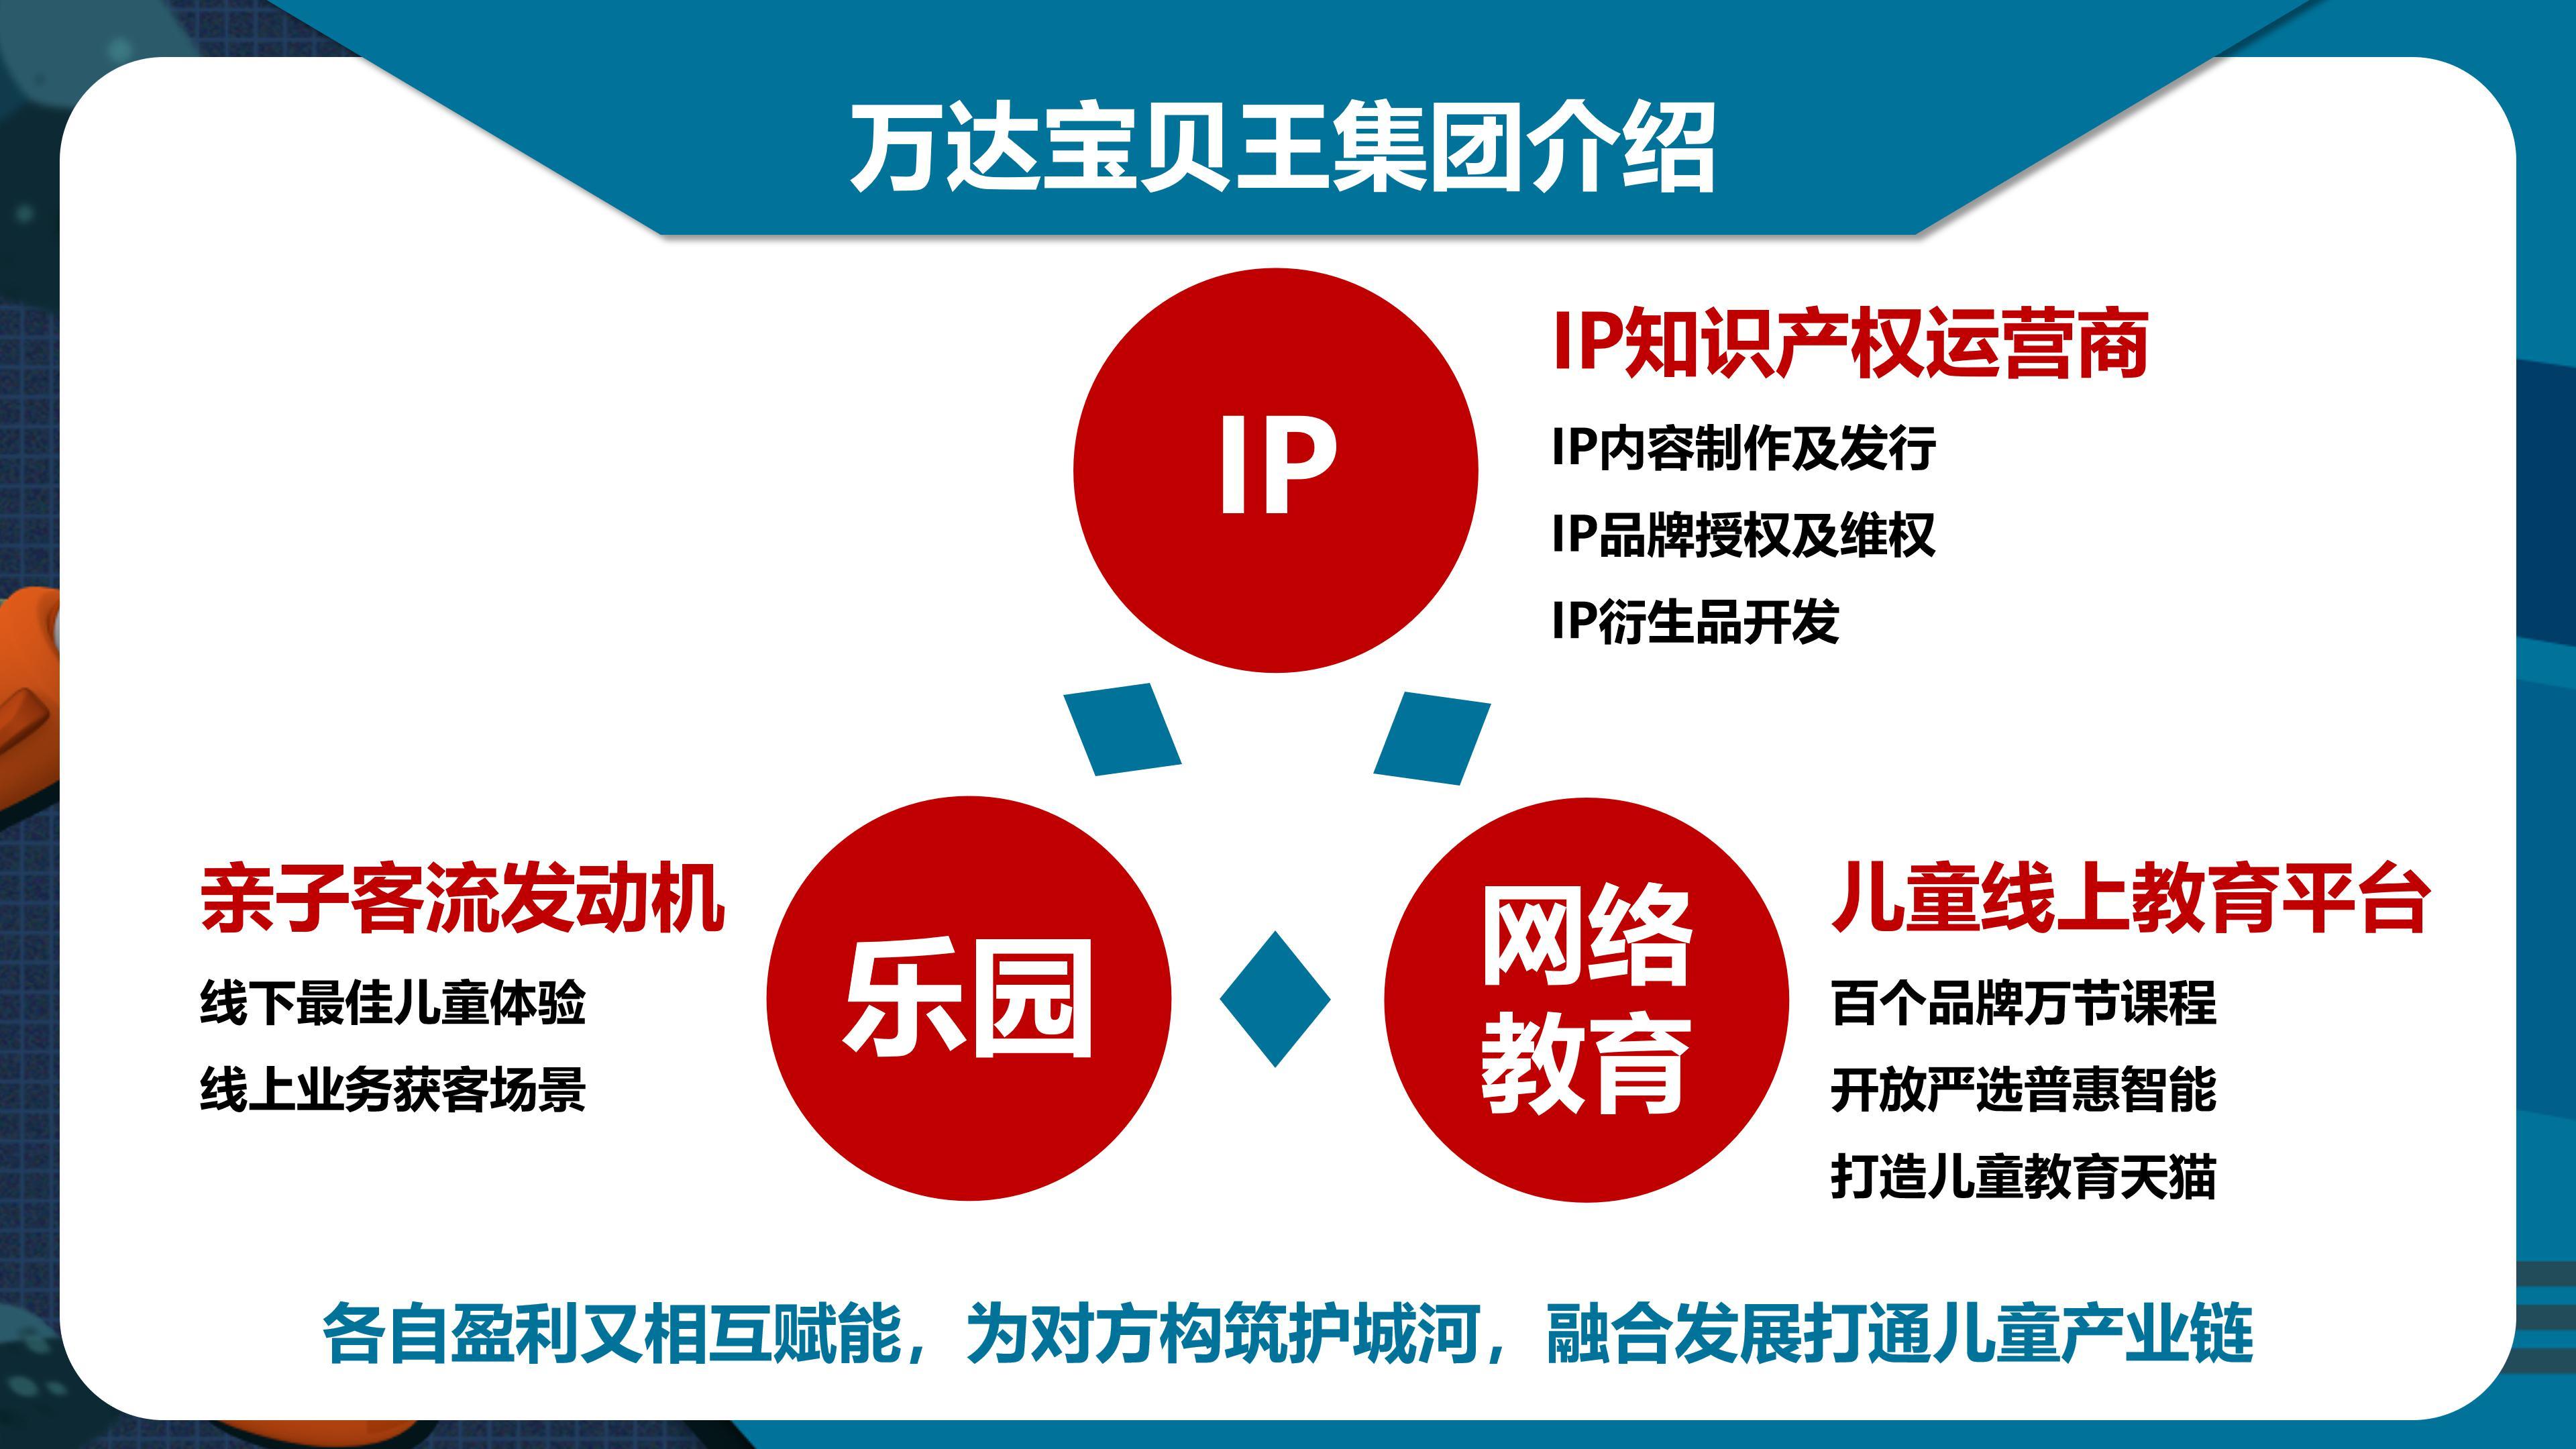 (202105对外版)-万达宝贝王IP介绍_05.jpg